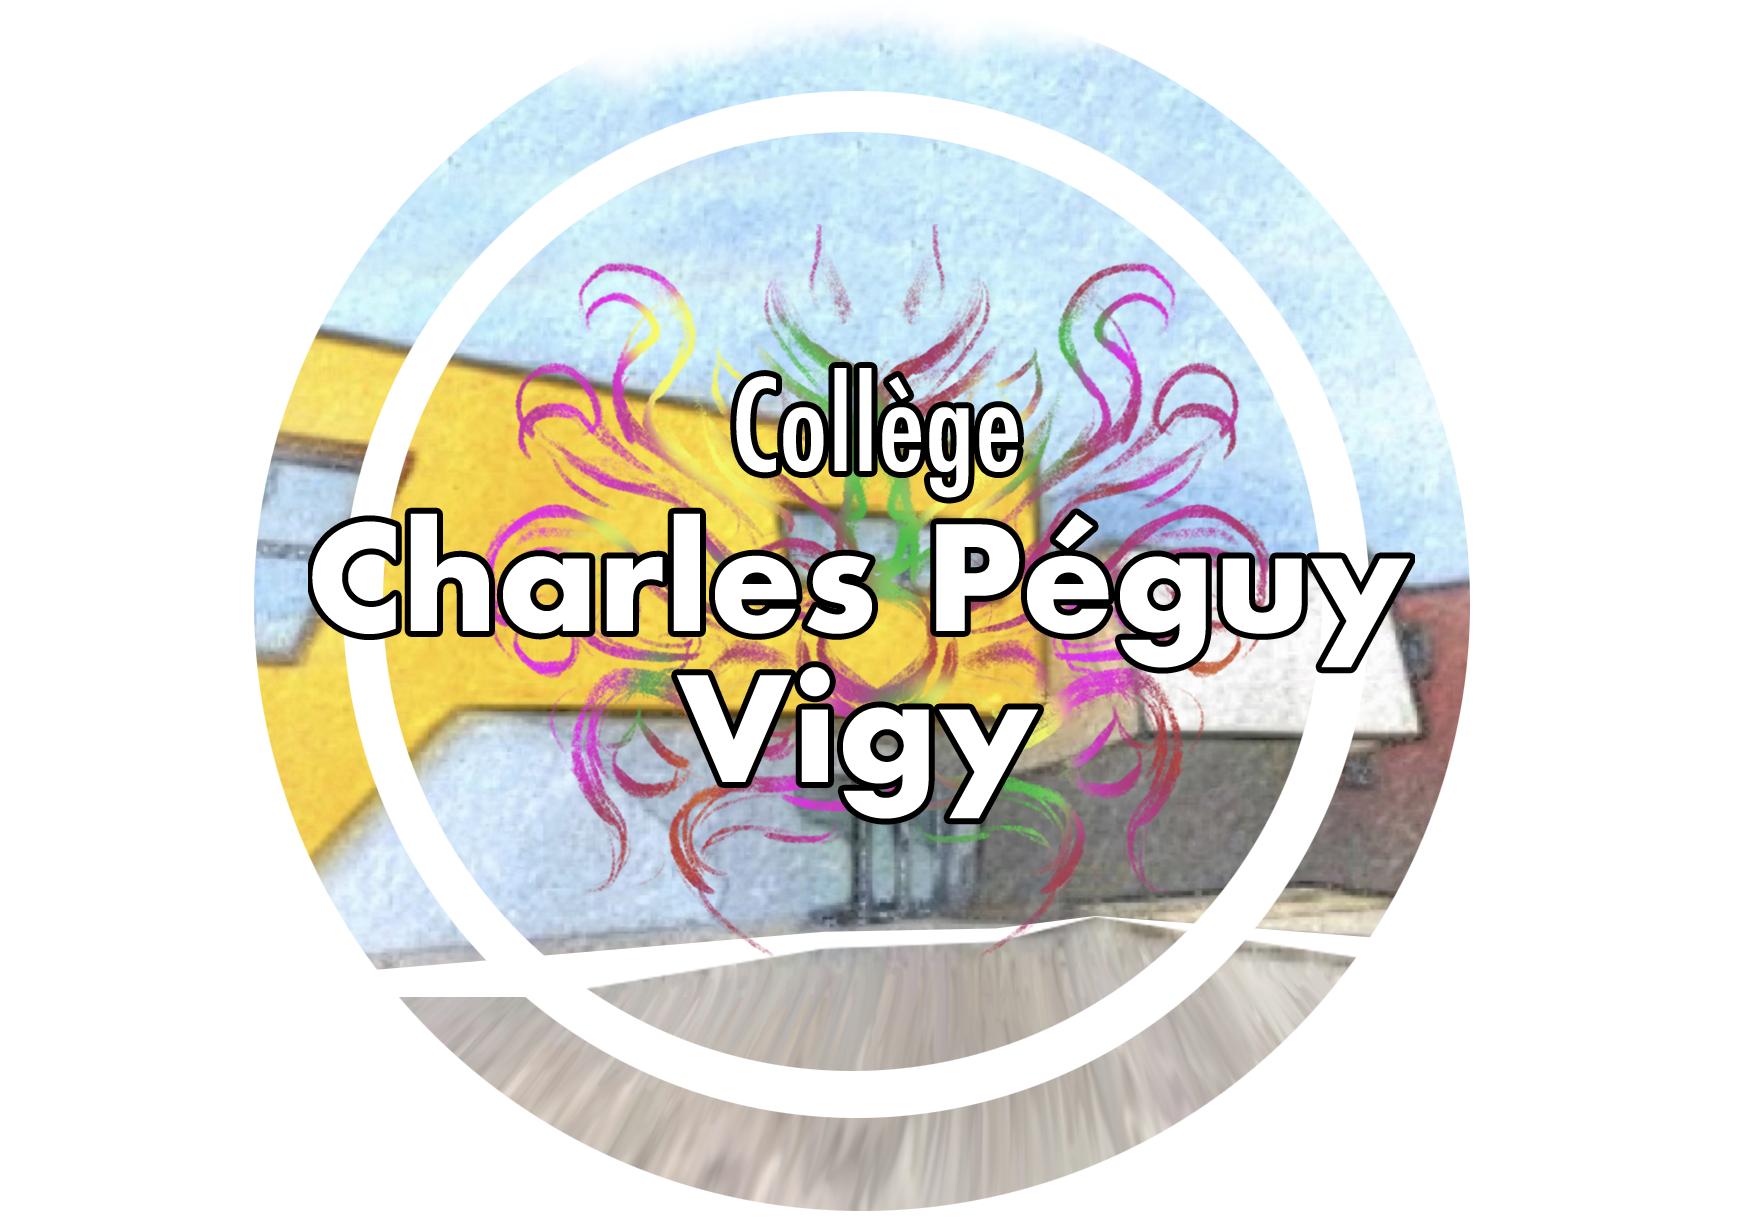 logo officiel du collège.png